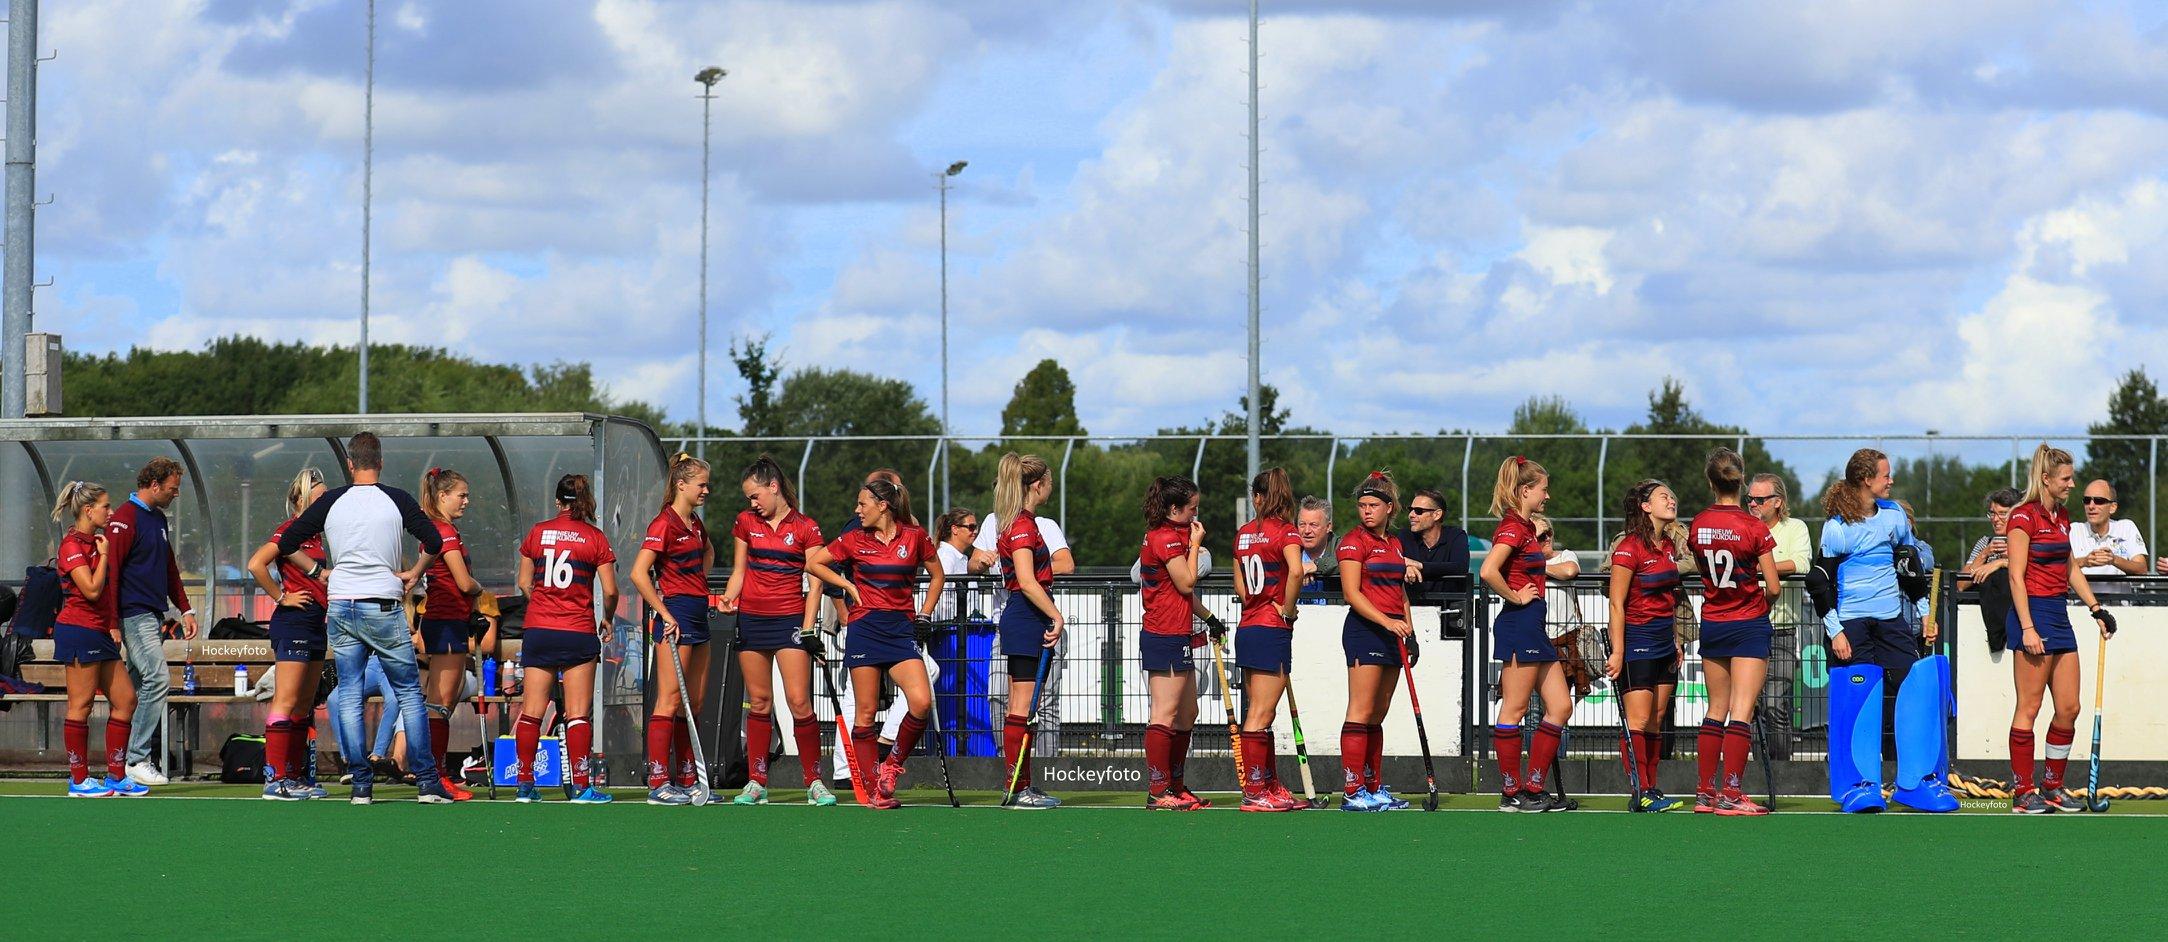 Klein Zwitserland (KZ) Dames 1 – Den Haag – 17-9-2019